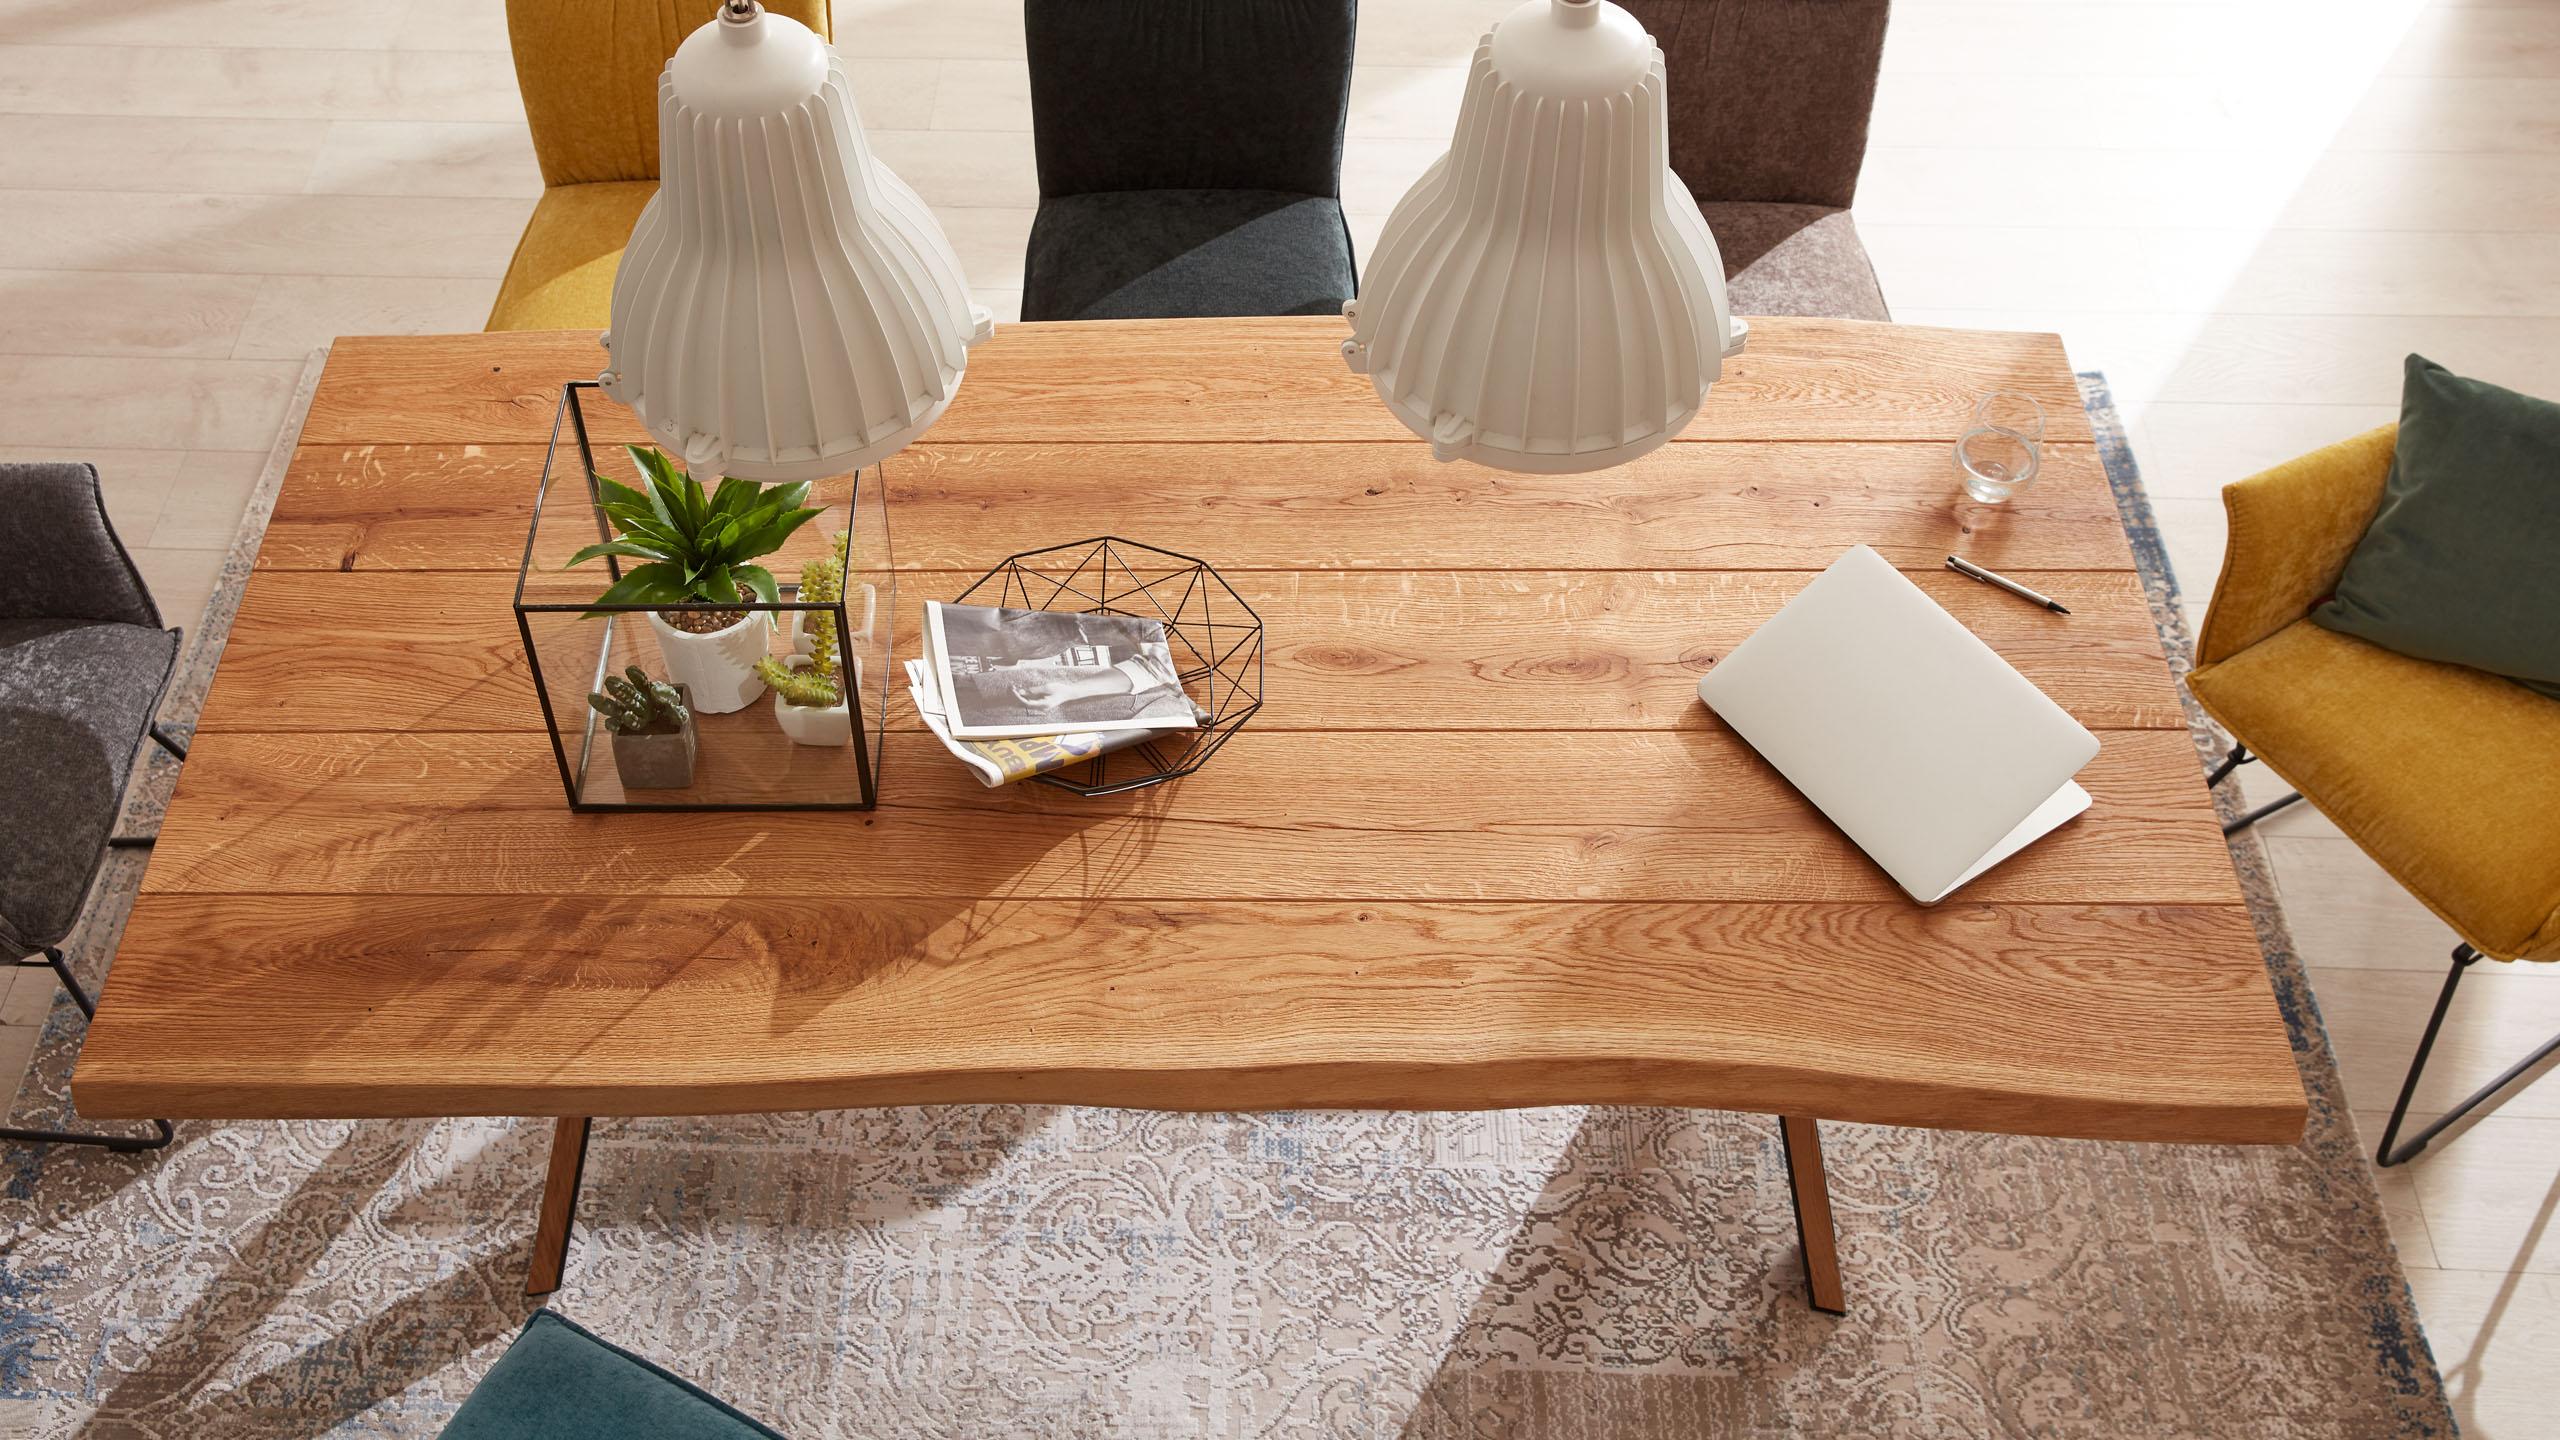 Tischplatte aus Holz mit natürlicher Baumkante